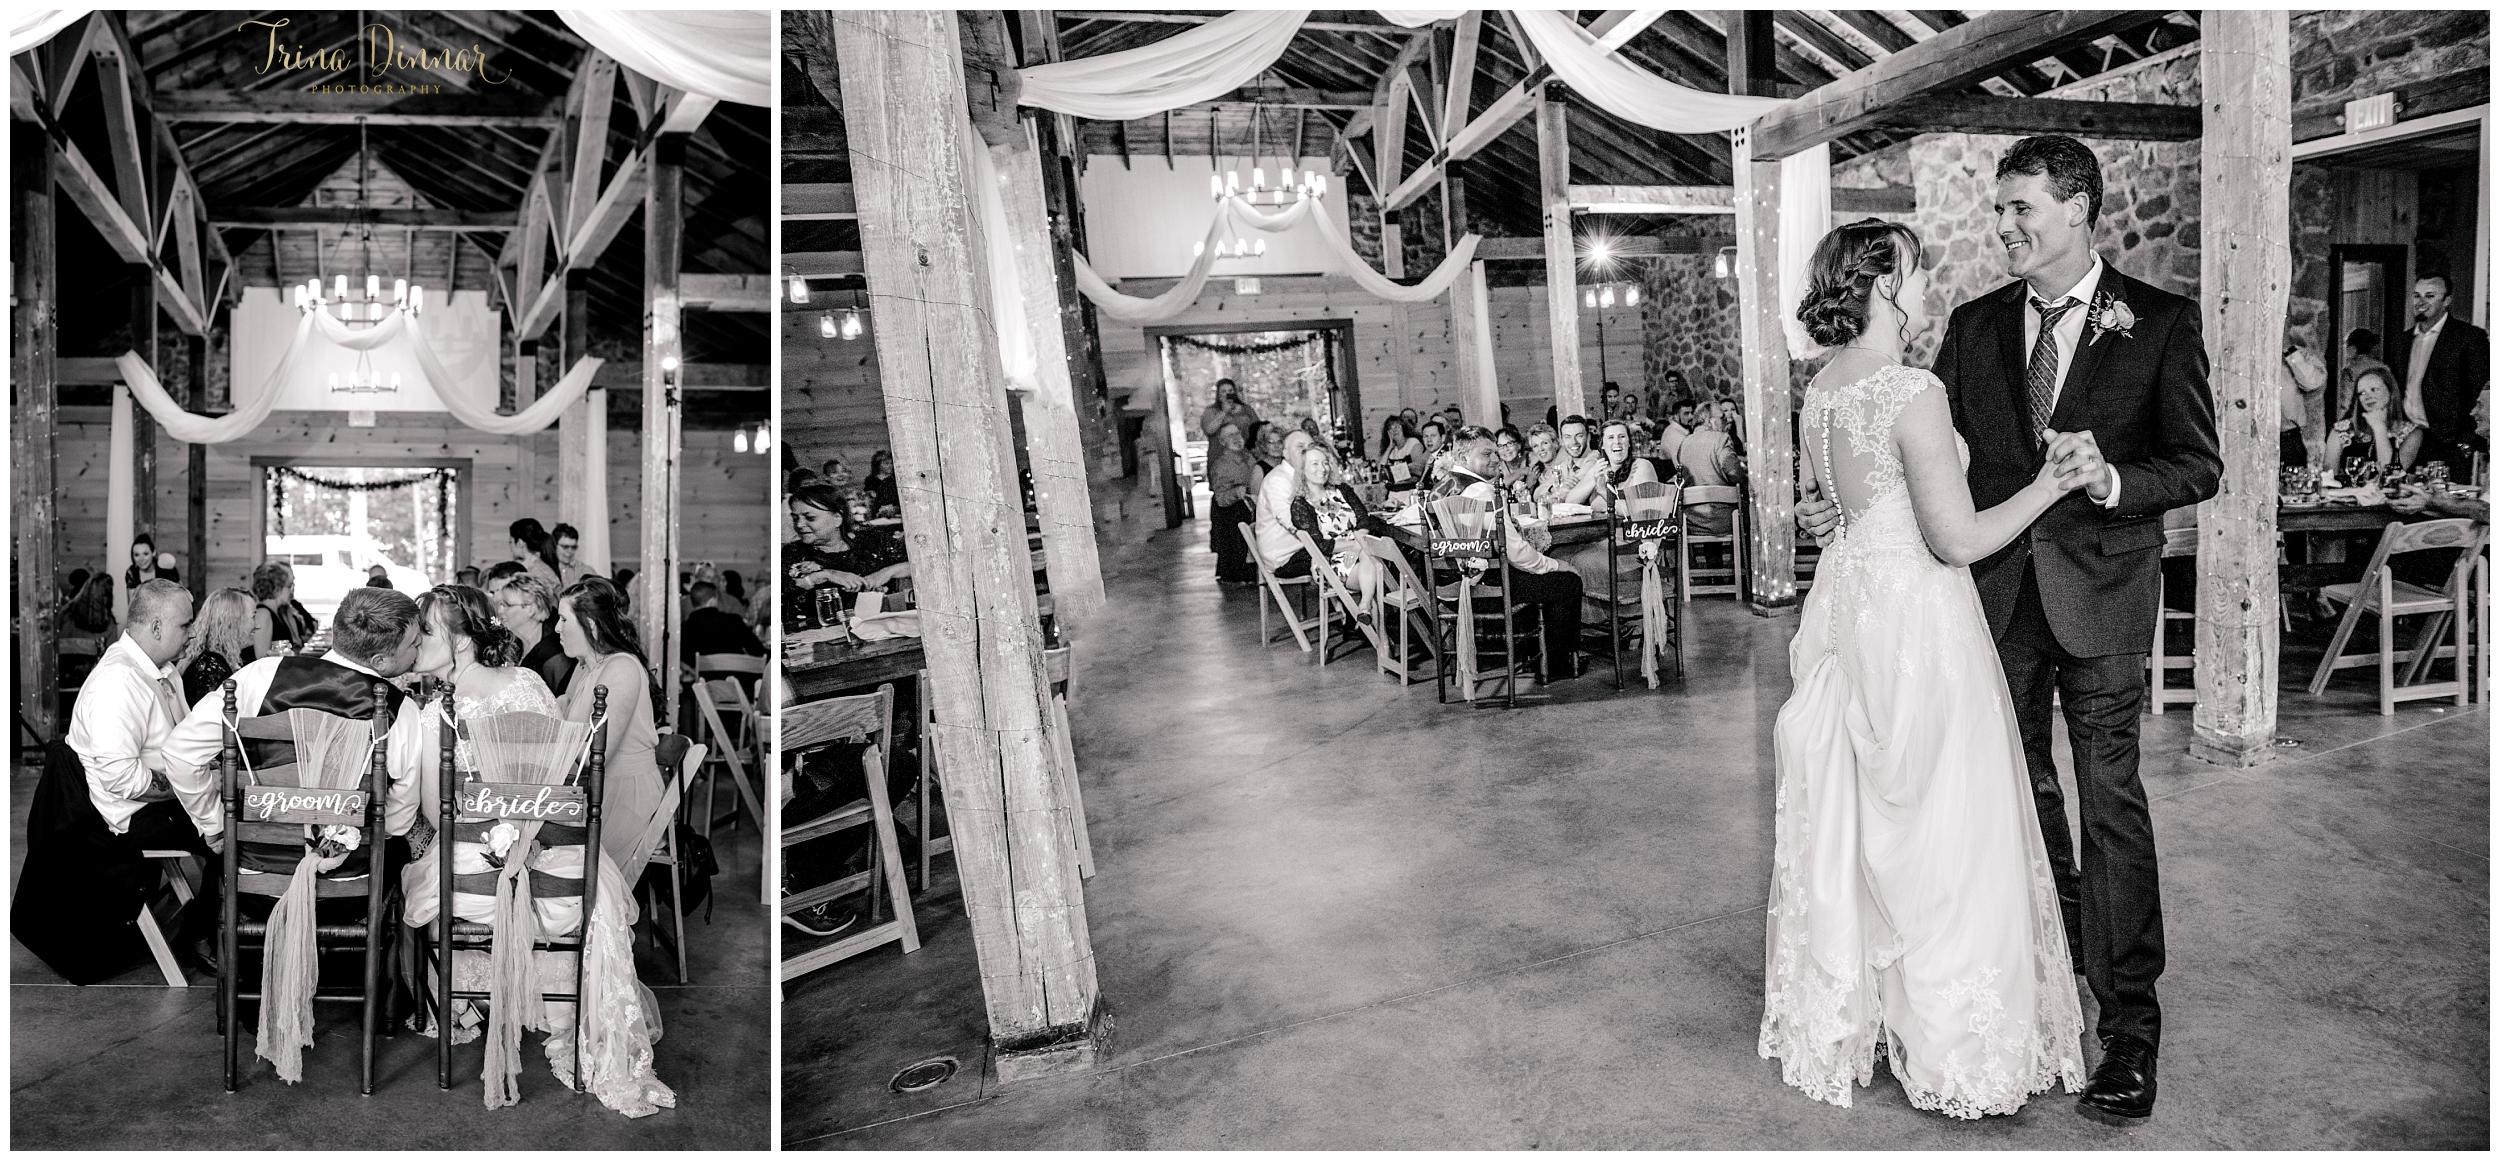 Standish Maine Wedding at the Stone Barn